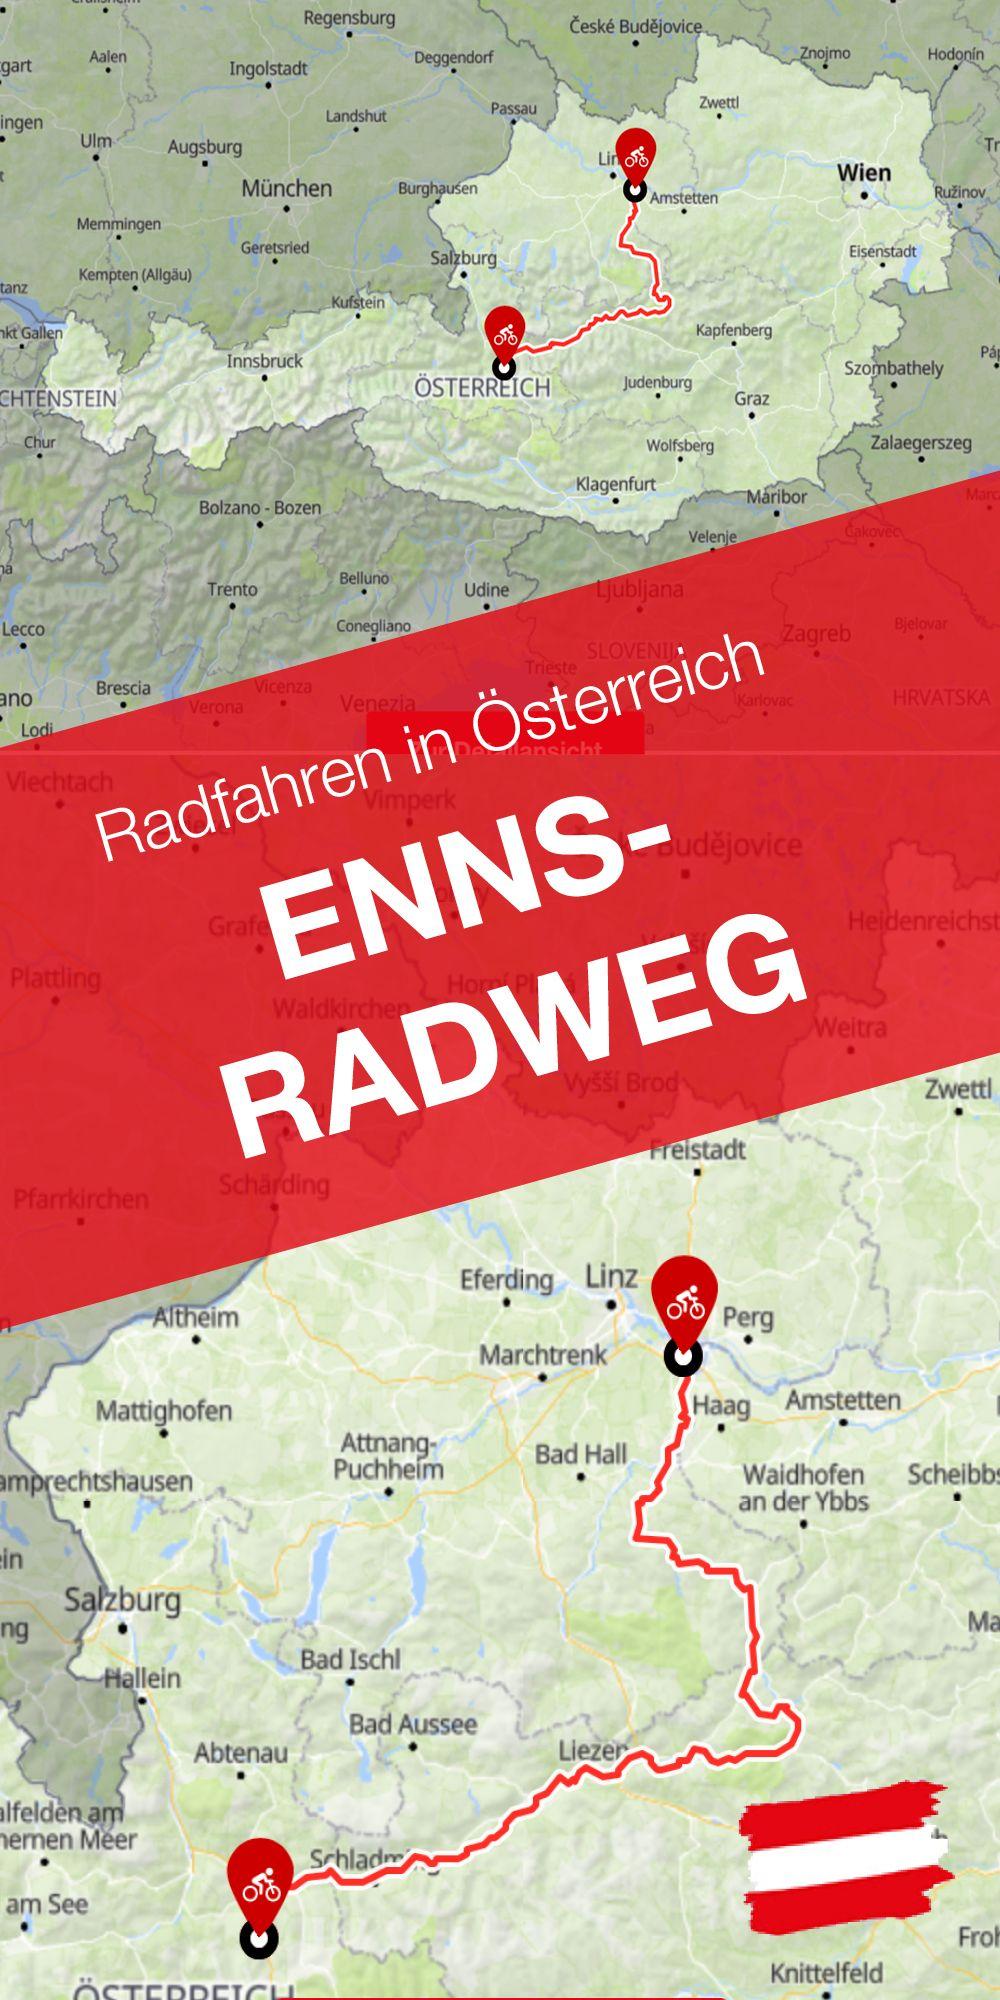 Radfahren Mit Genuss Am Ennsradweg In Osterreich Fahrradroute Steiermark Tourismus Osterreich